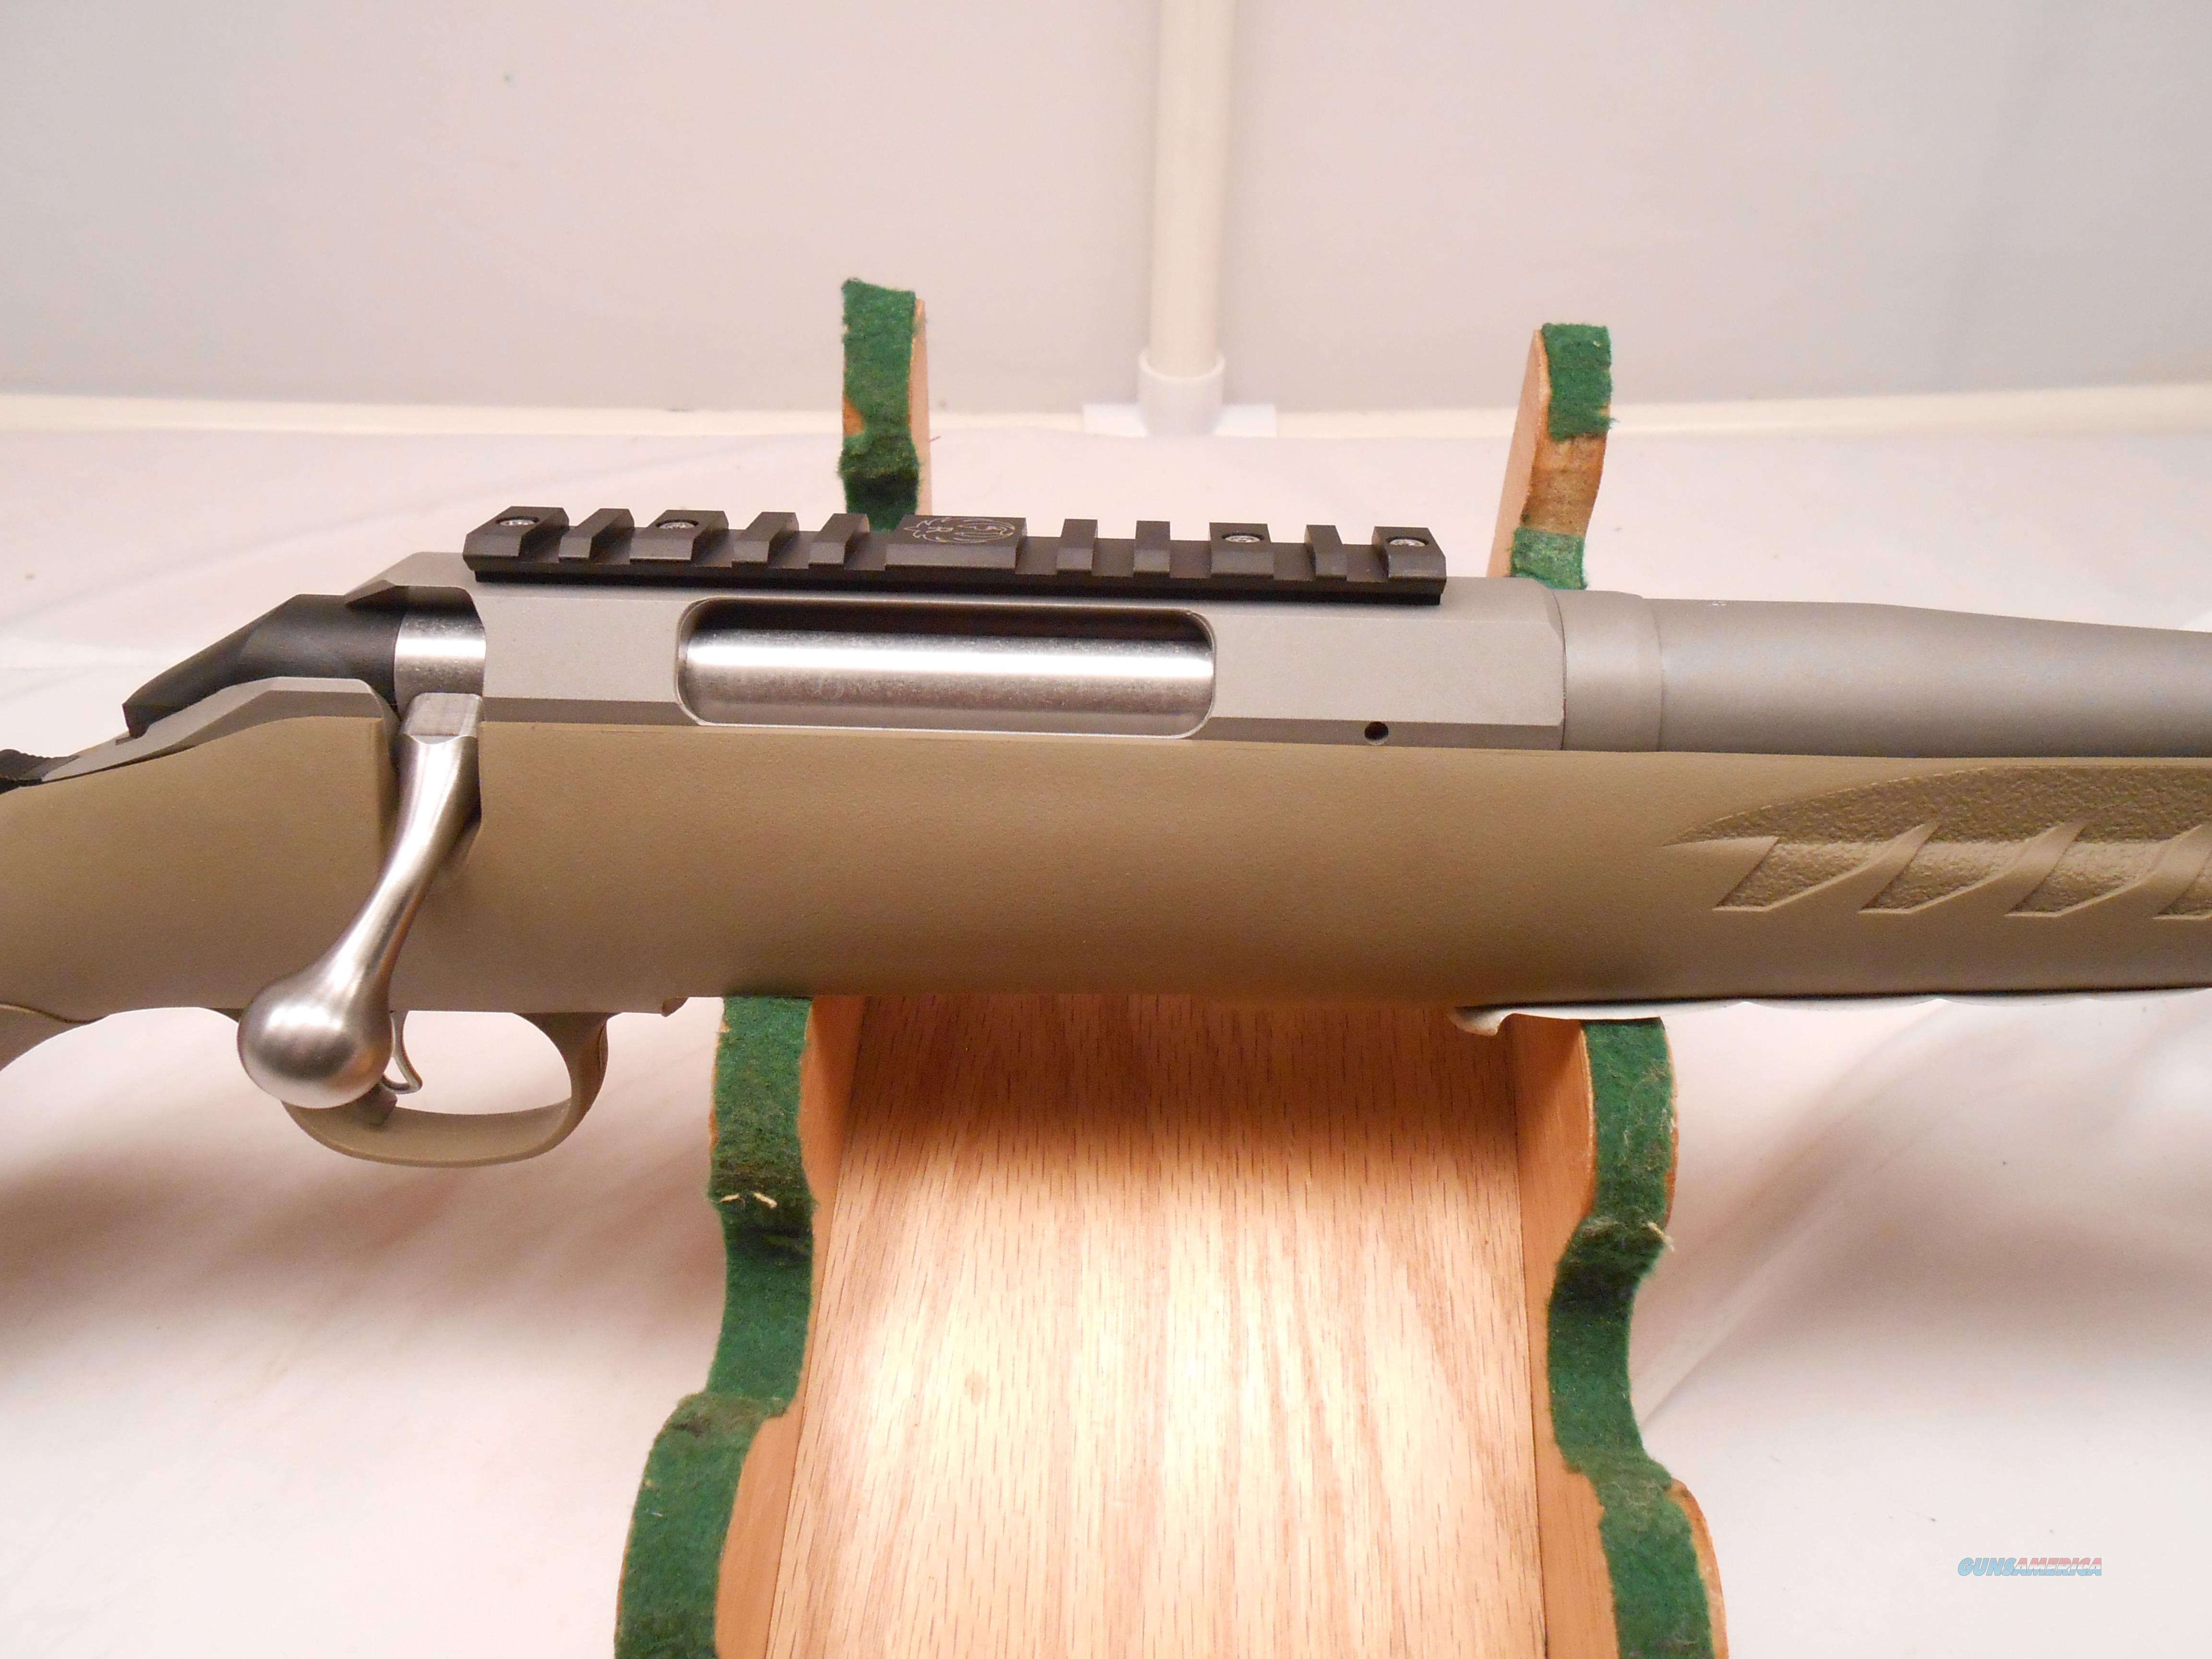 e50226ff88166 Ruger American 450 Bushmaster